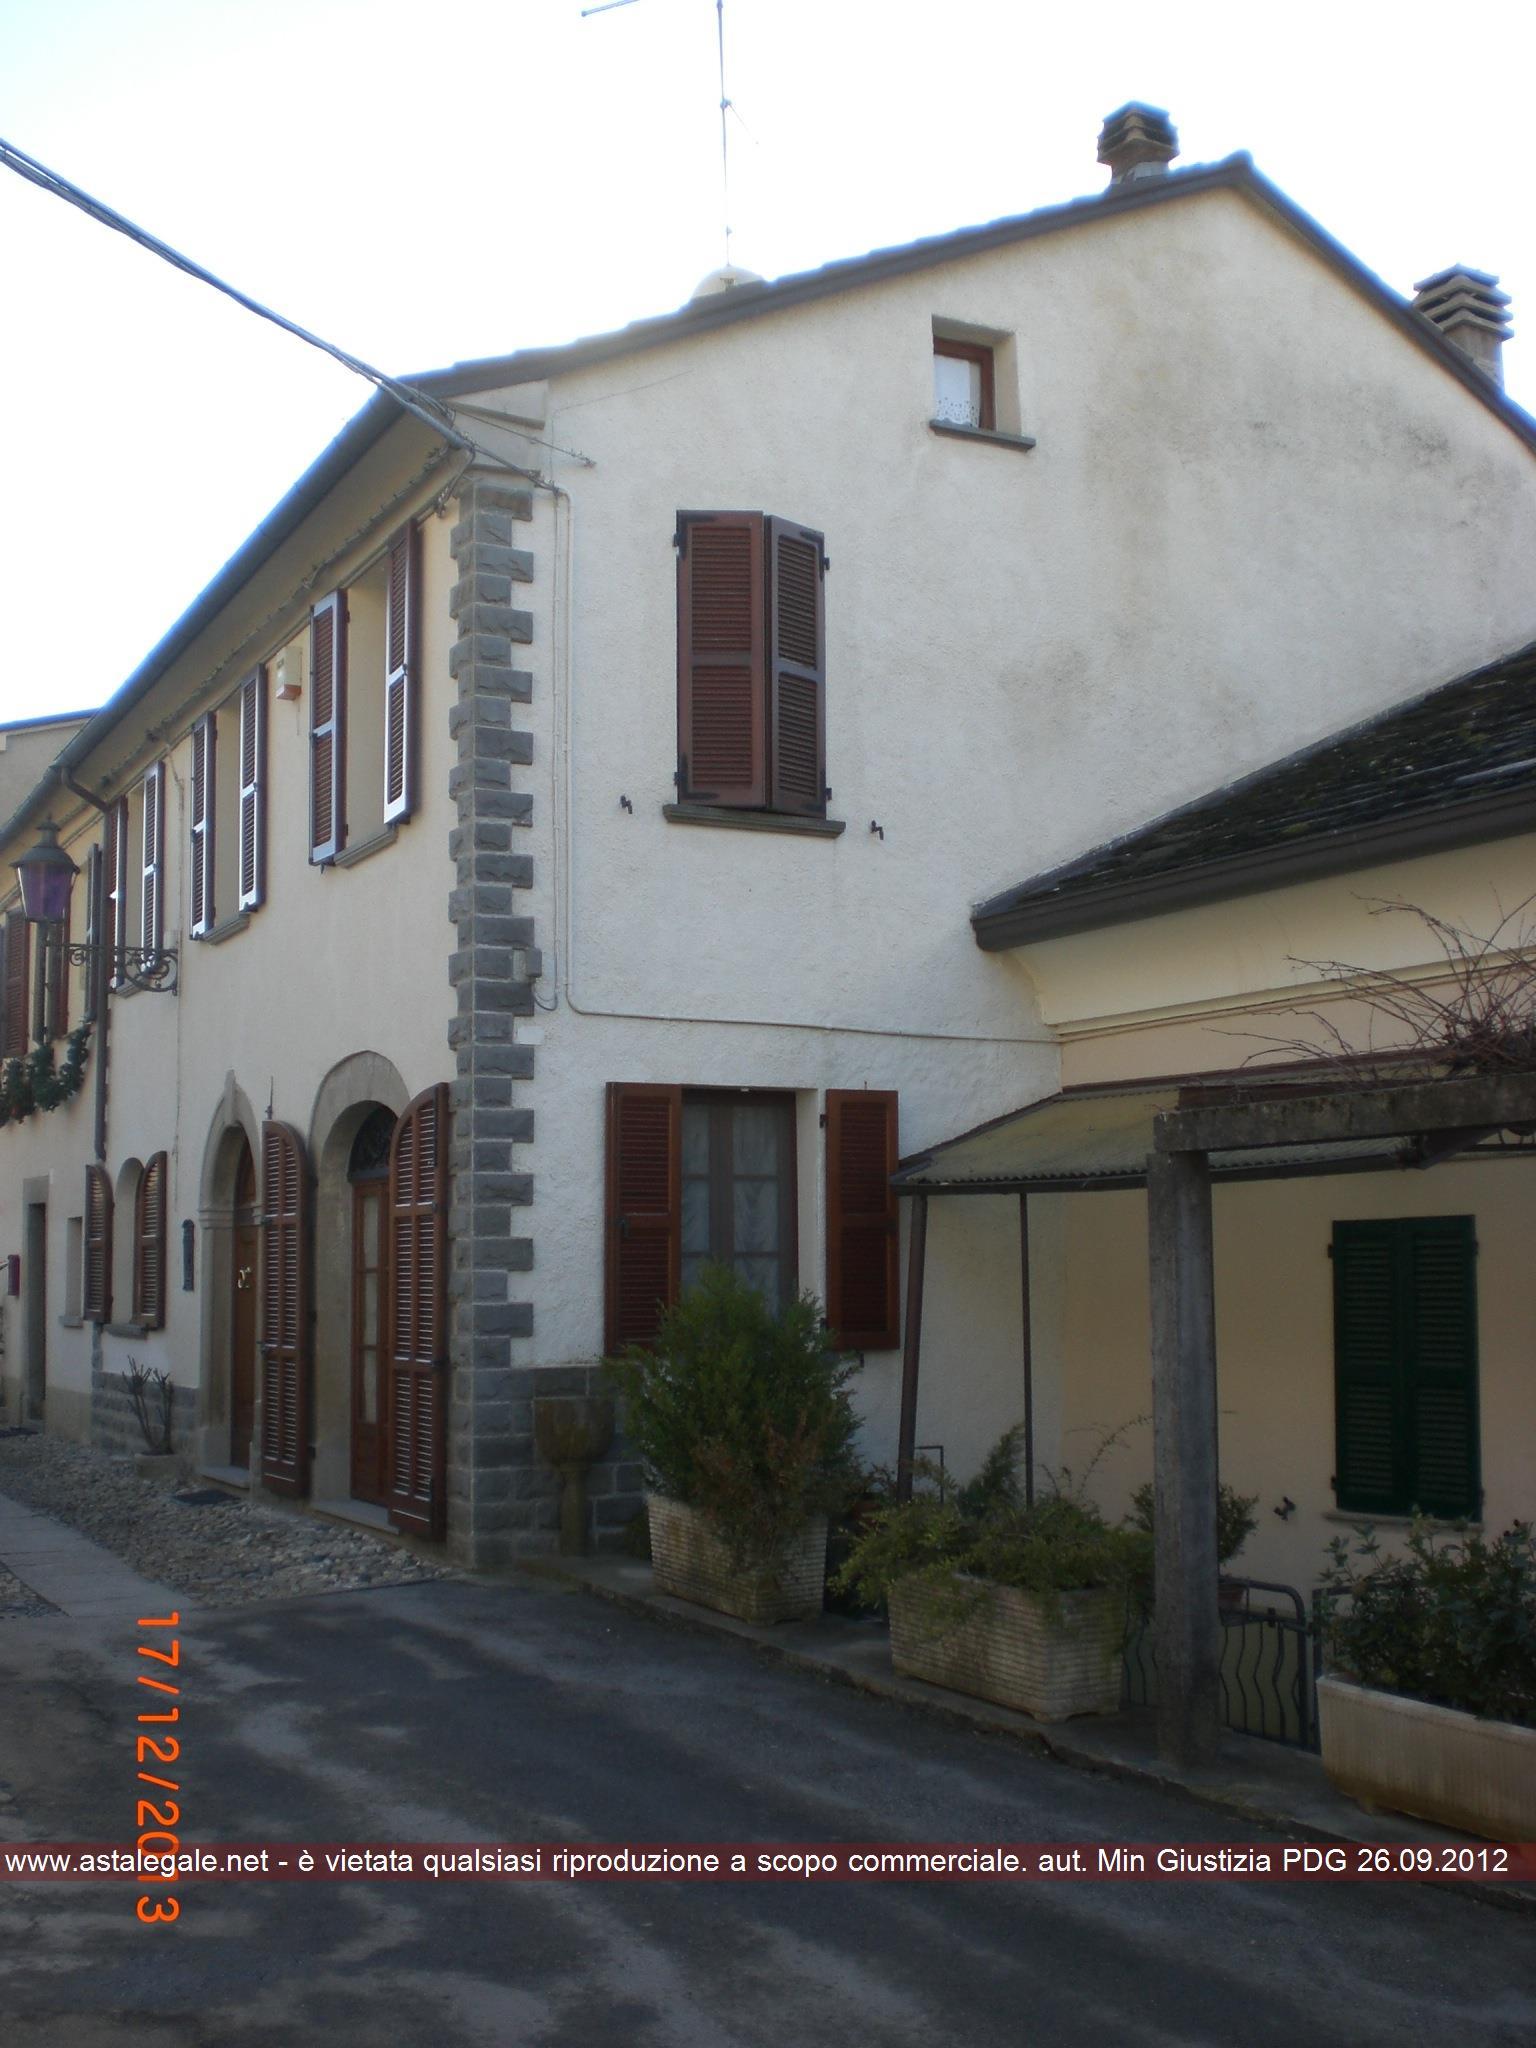 Compiano (PR) Via Marco Rossi Sidoli 17